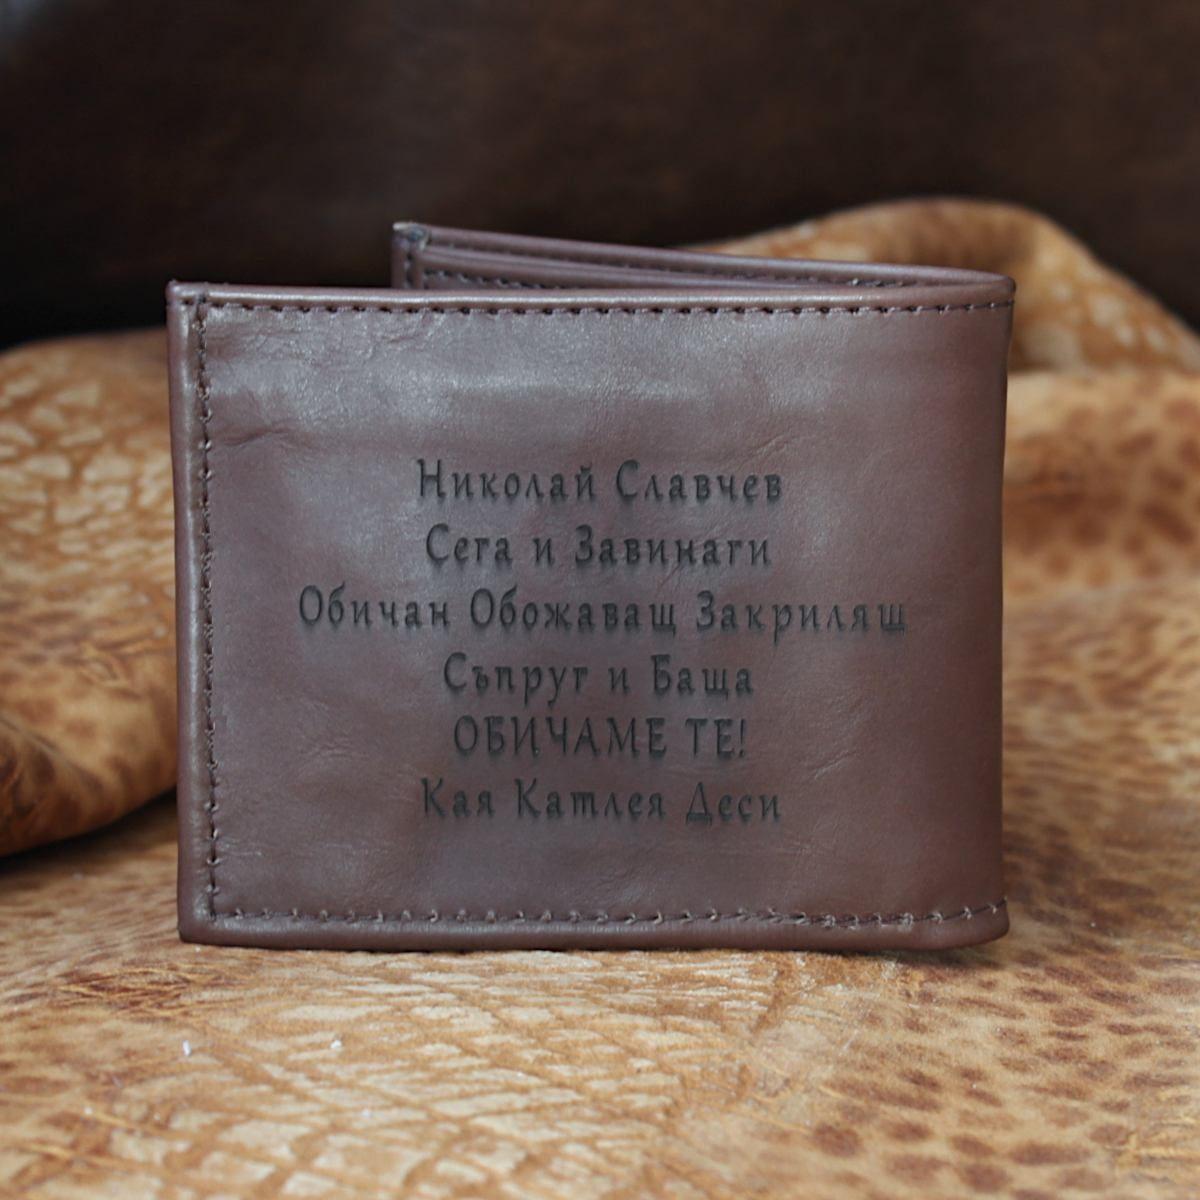 Ръчно изработен кафяв кожен мъжки портфейл гравирани инициали